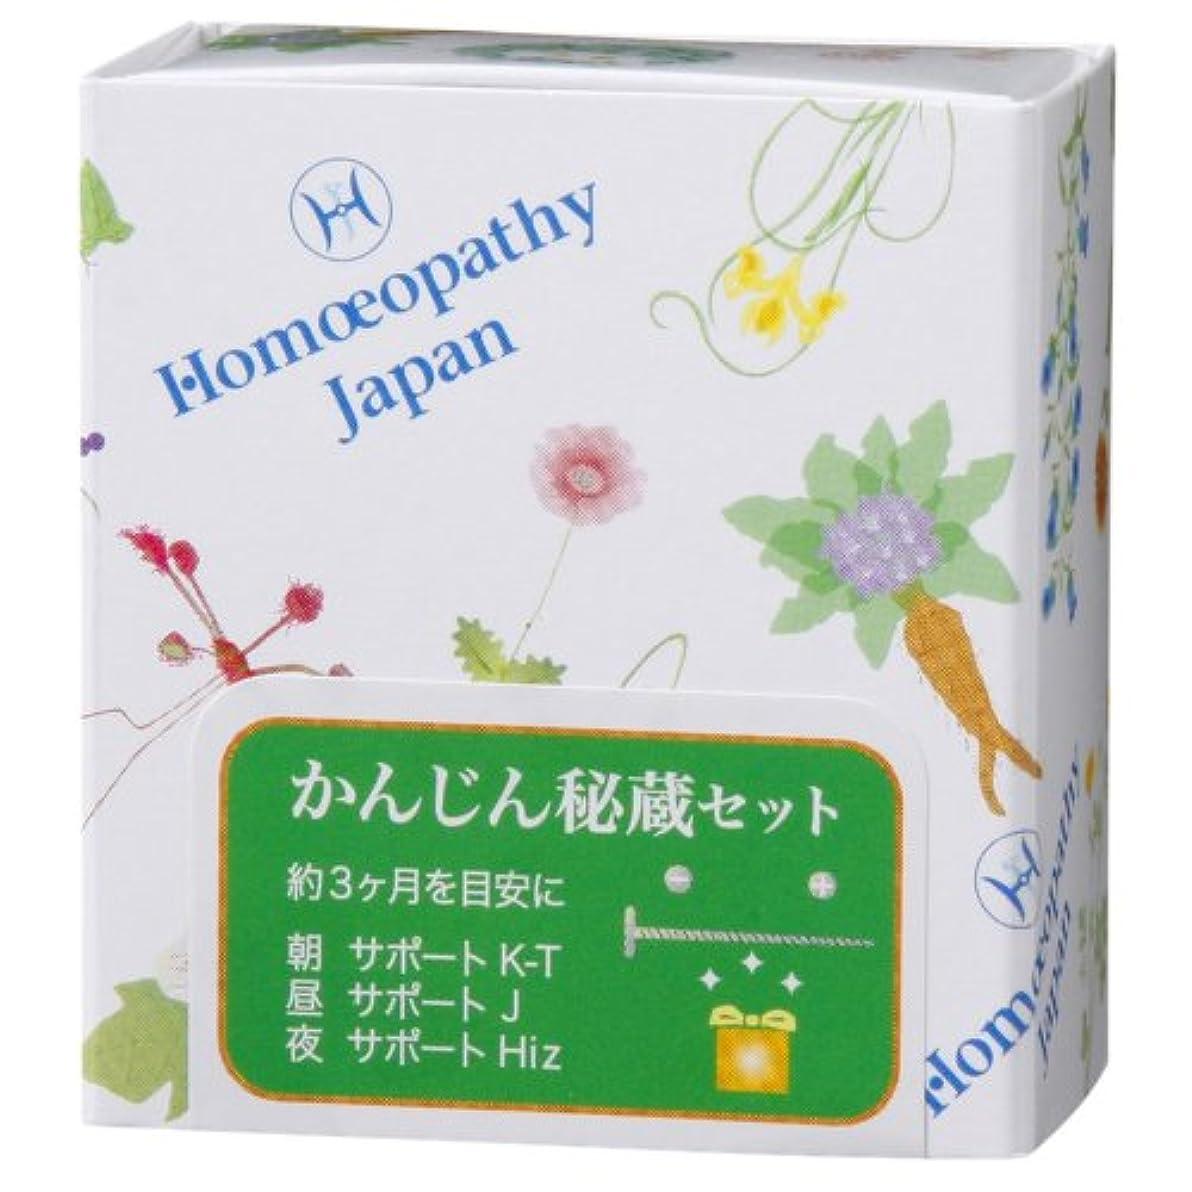 方言びん平等ホメオパシージャパンレメディー かんじん秘蔵セット